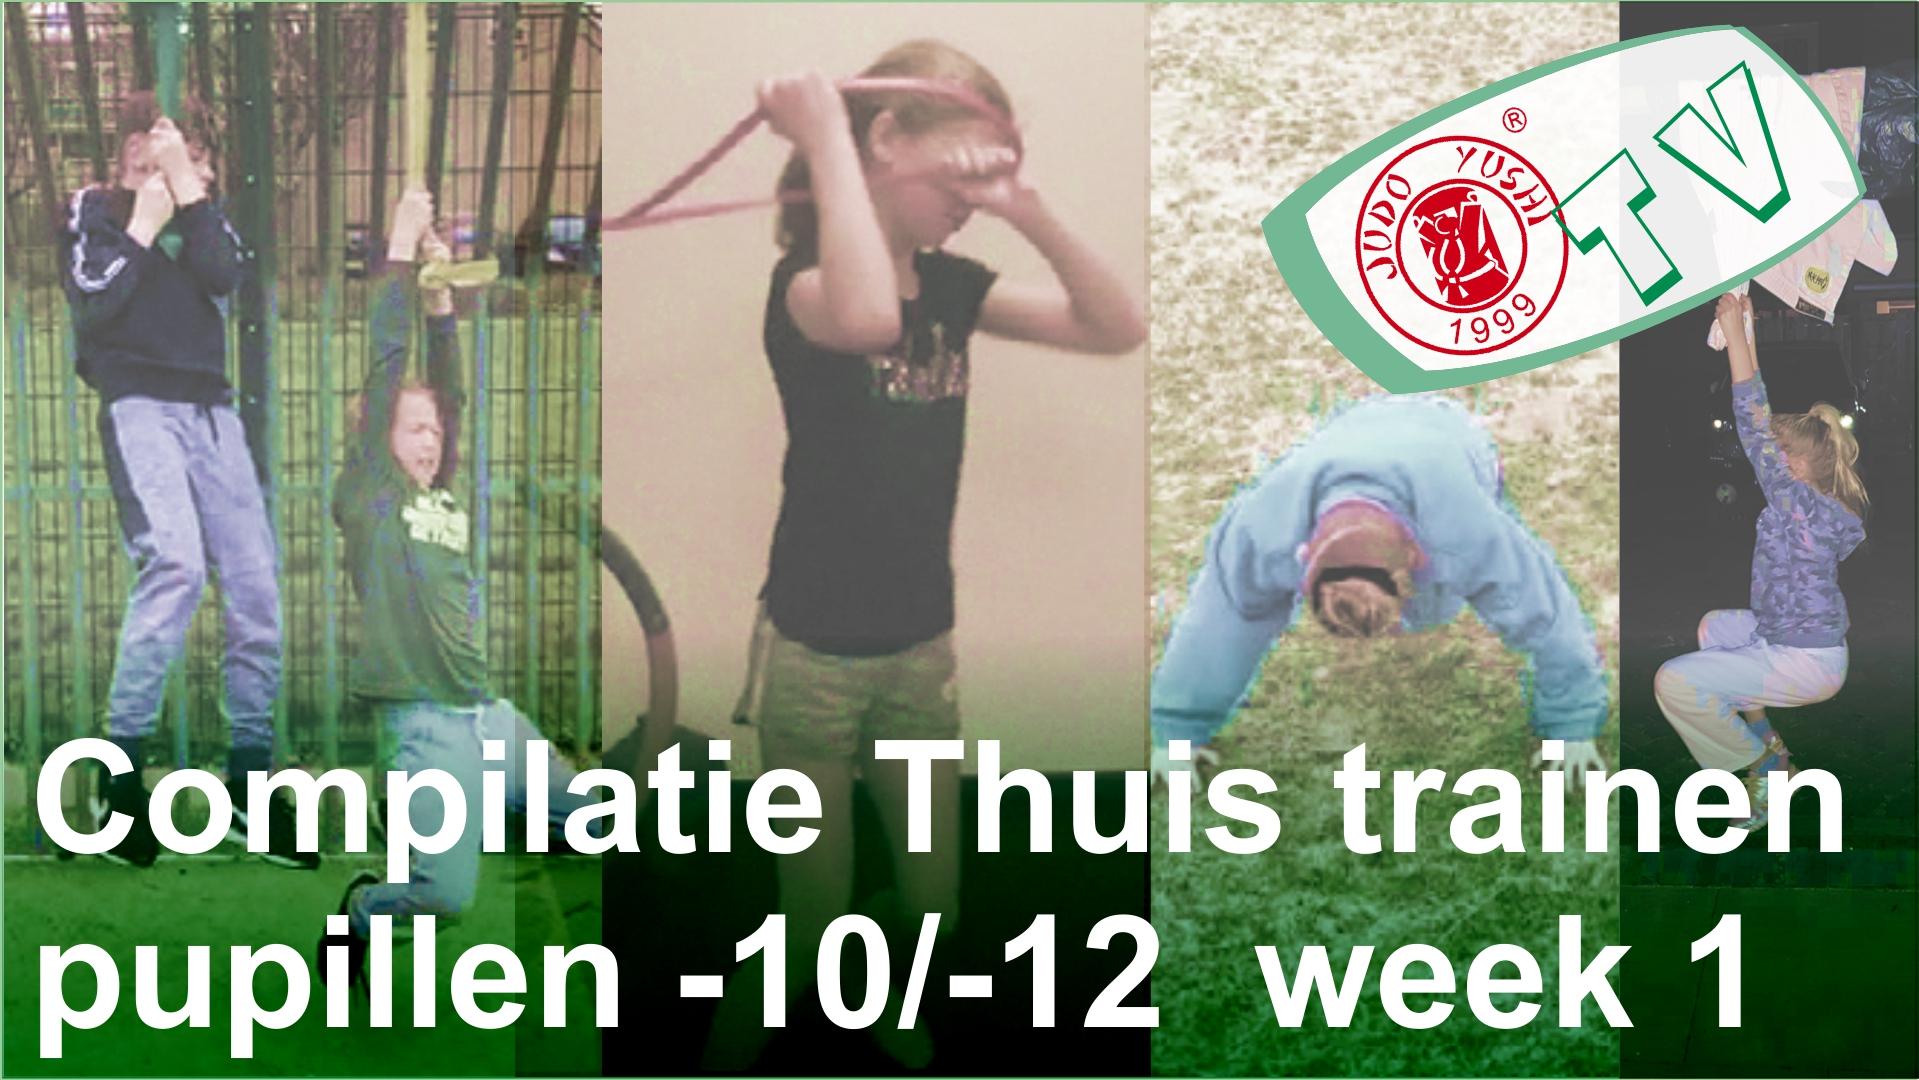 Compilatie week 1 Thuis trainen pupillen -10 / -12